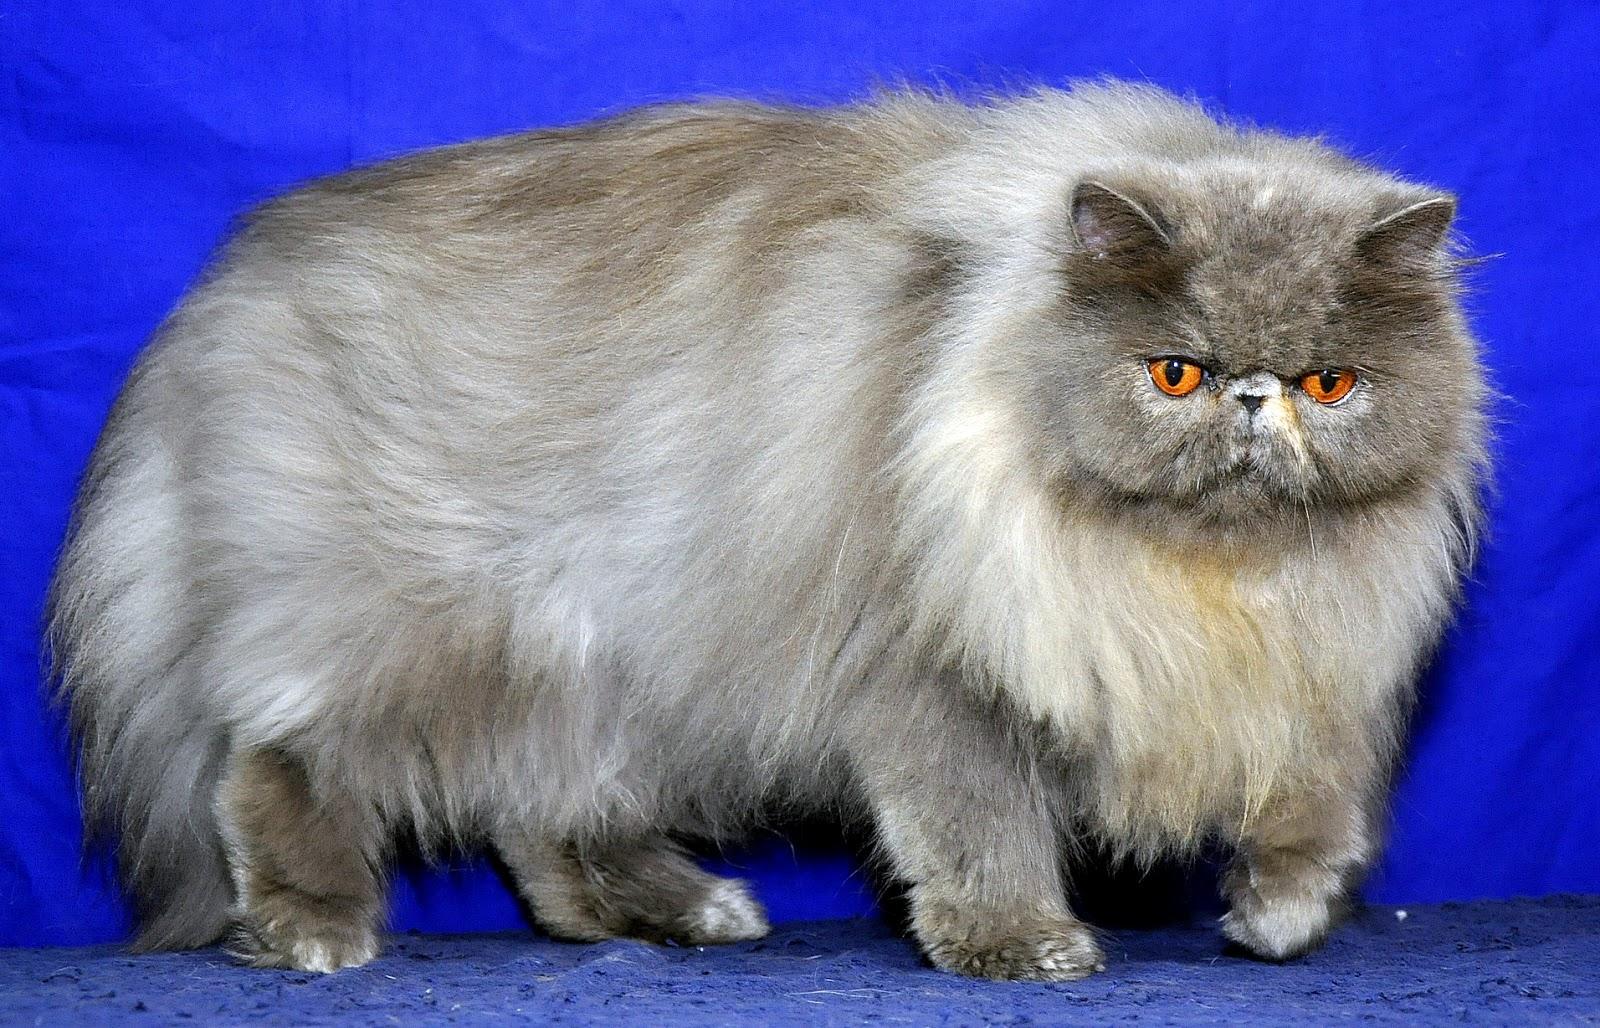 Jadi hal2 yang diperlukan agar kucing kita mempunyai bulu panjang dan lebat  ada beberapa faktor   9b27531363